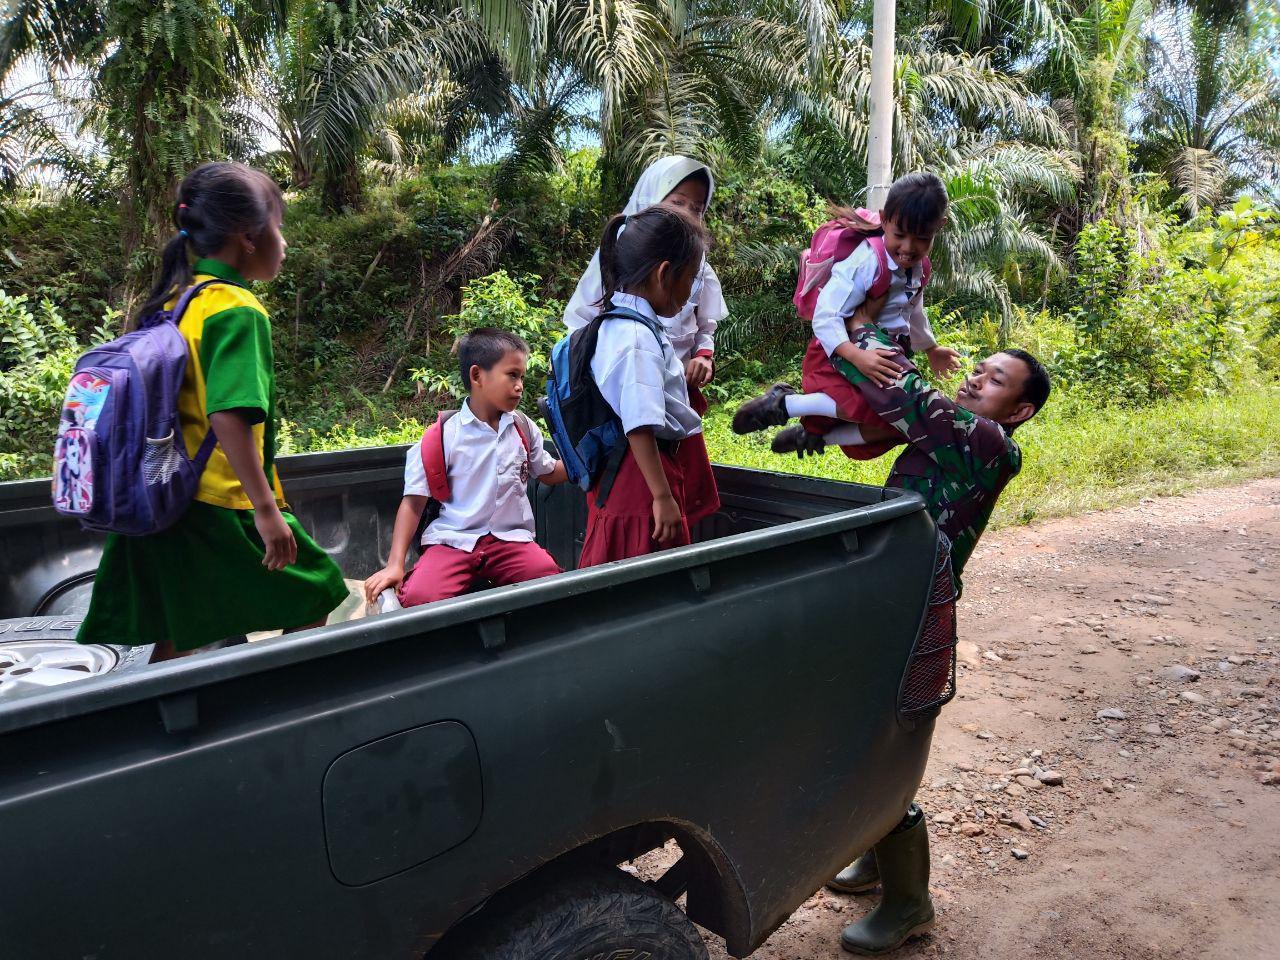 Di Lokasi TMMD Personil Kodim 1418/Mamuju Mengantar Pelajar ke Sekolahnya